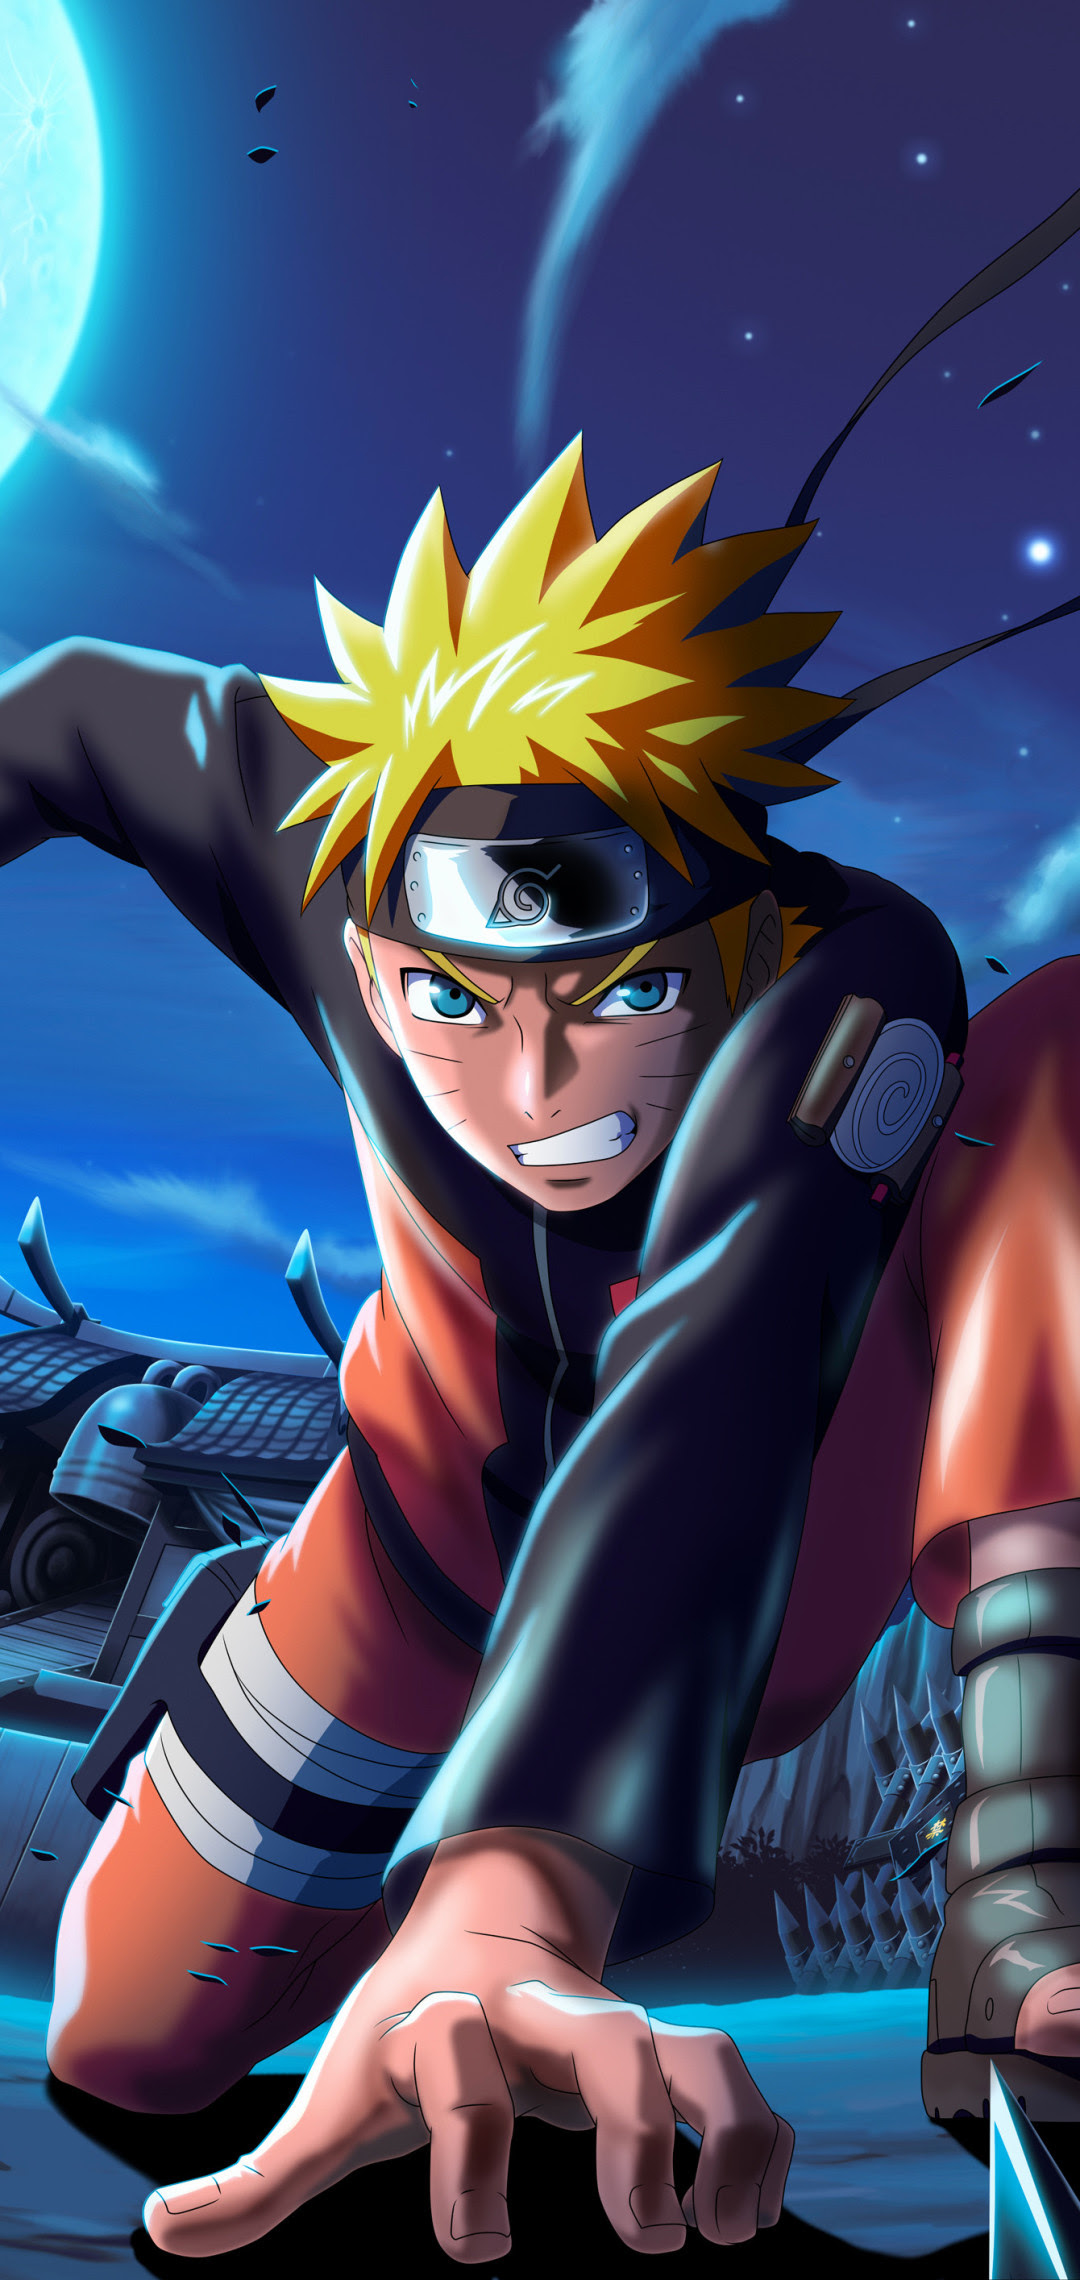 Foto Naruto Keren : naruto, keren, Green, Anime, Wallpaper, Naruto